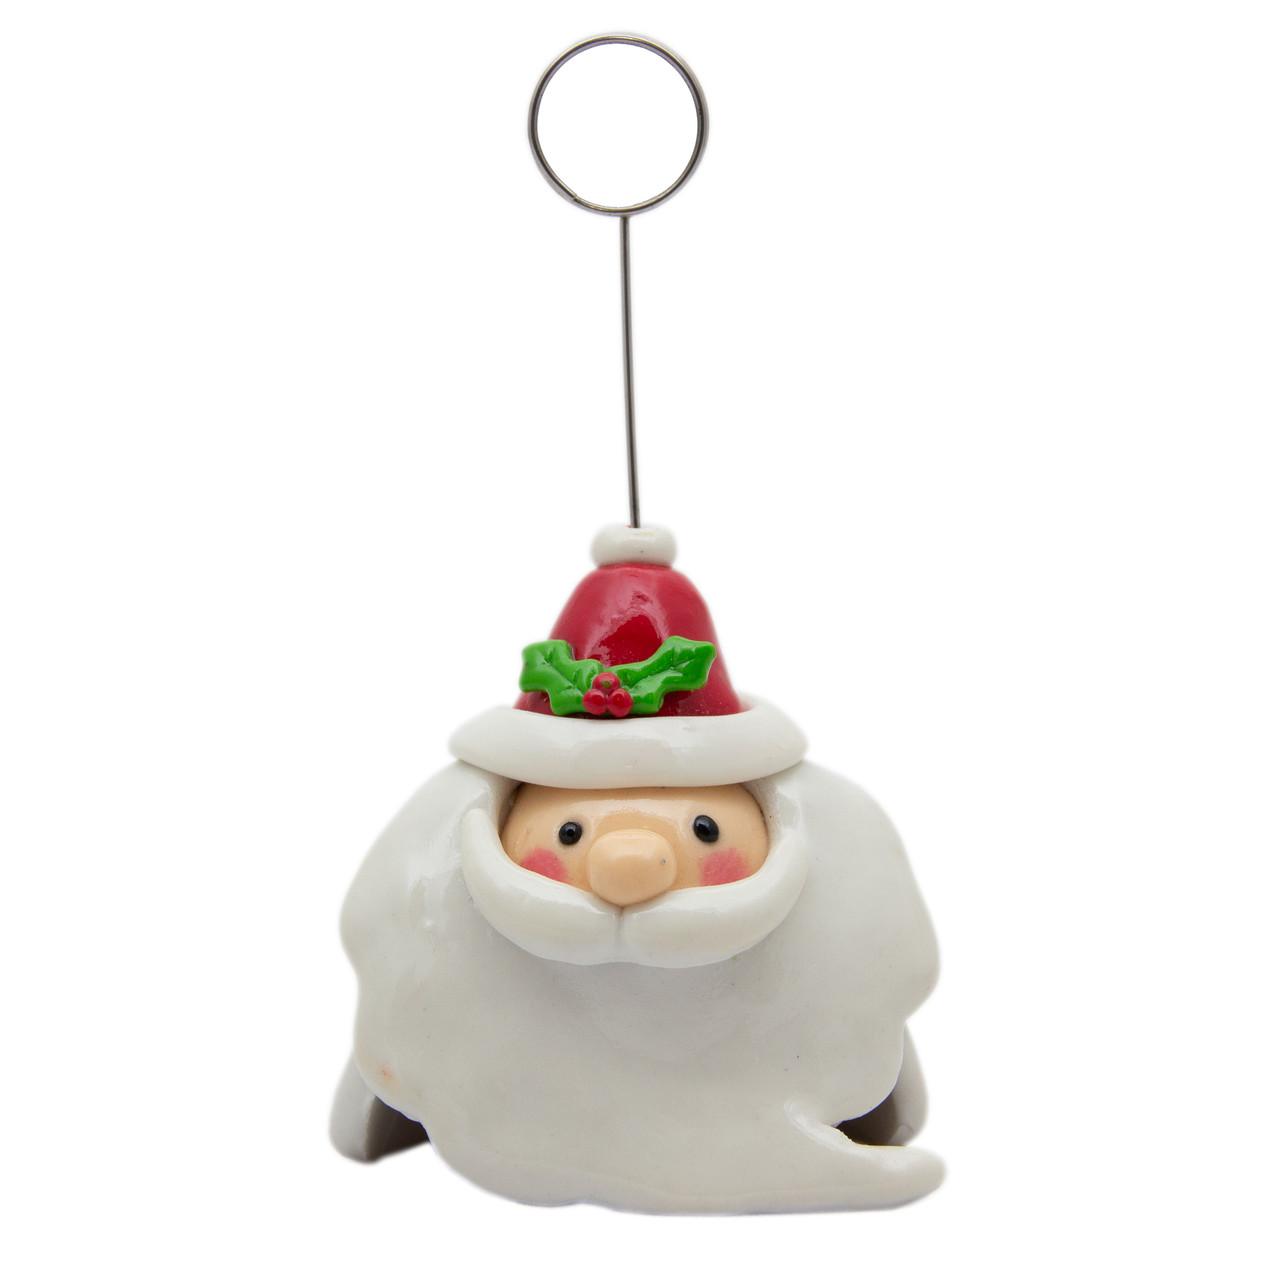 Новогодняя сувенирная фигурка из пластика - держатель визиток, Дед Мороз с красною шапкой 11, 5см (001347-5)